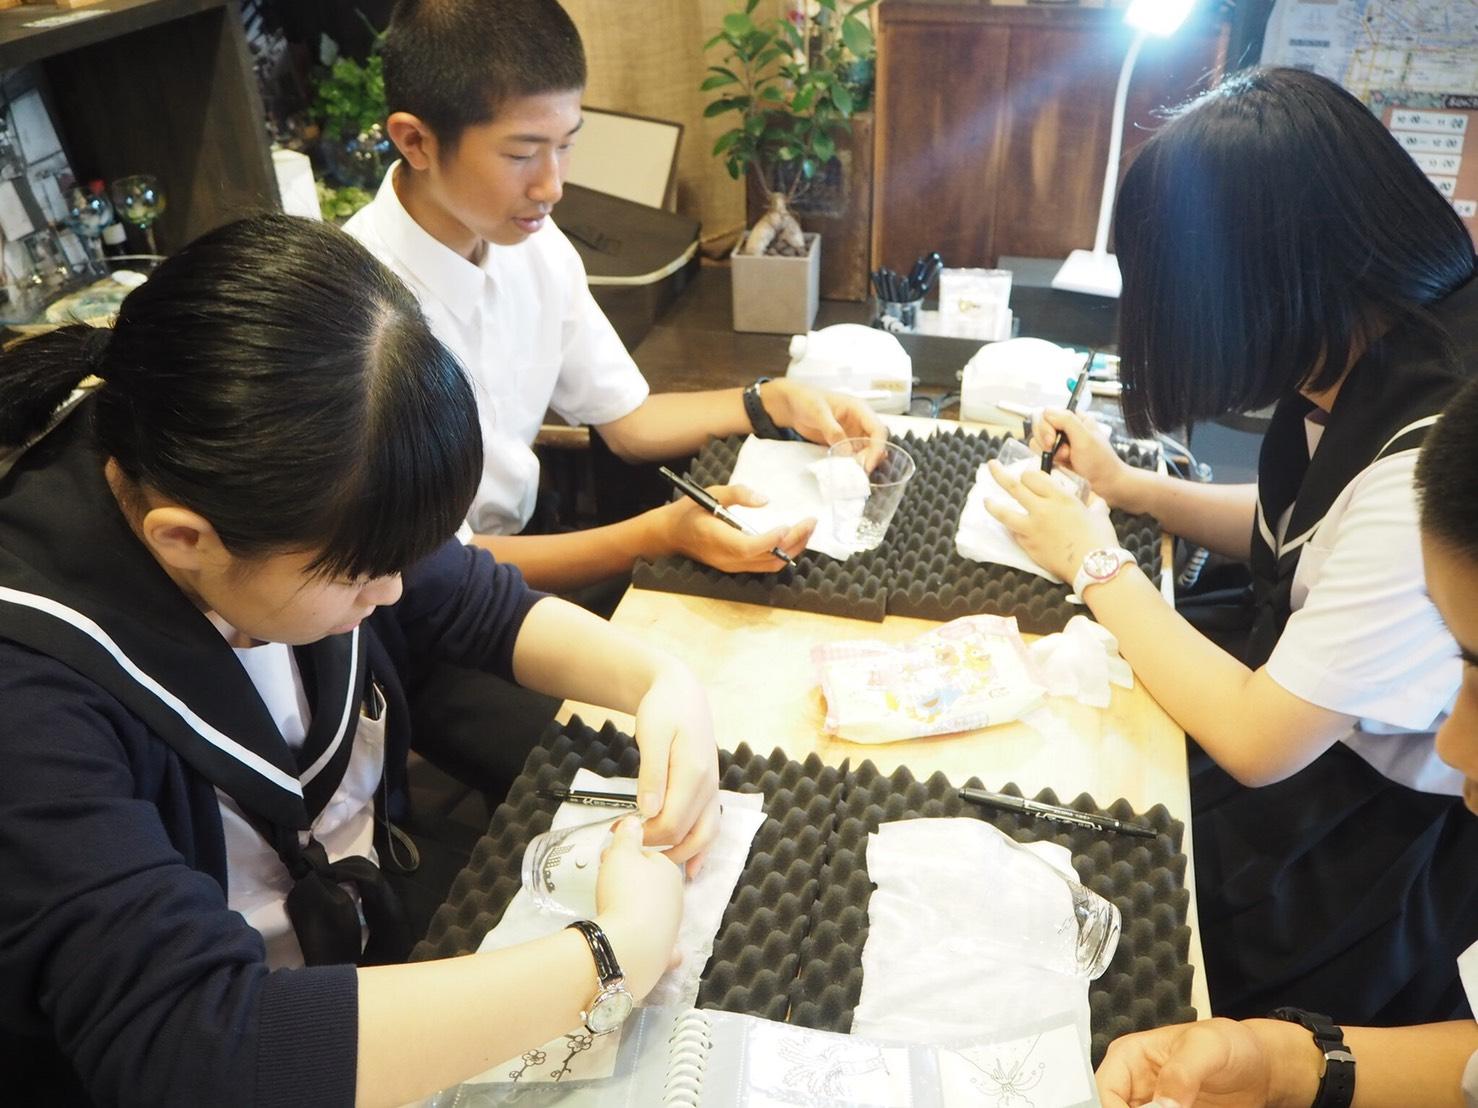 http://www.kitashitara.jp/toyone-jh/1526542213971.jpg